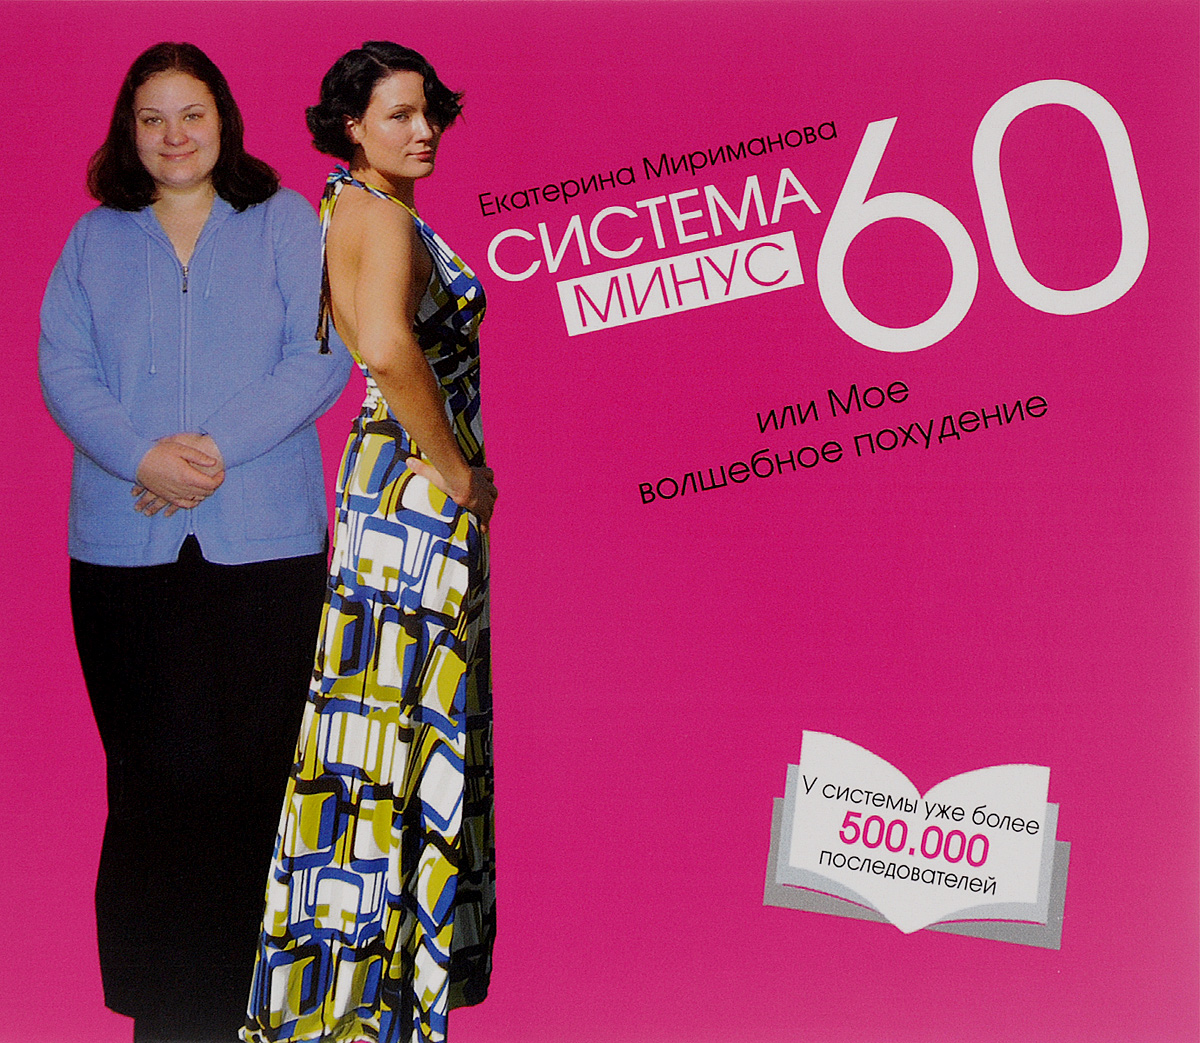 Программа Для Похудения 60.